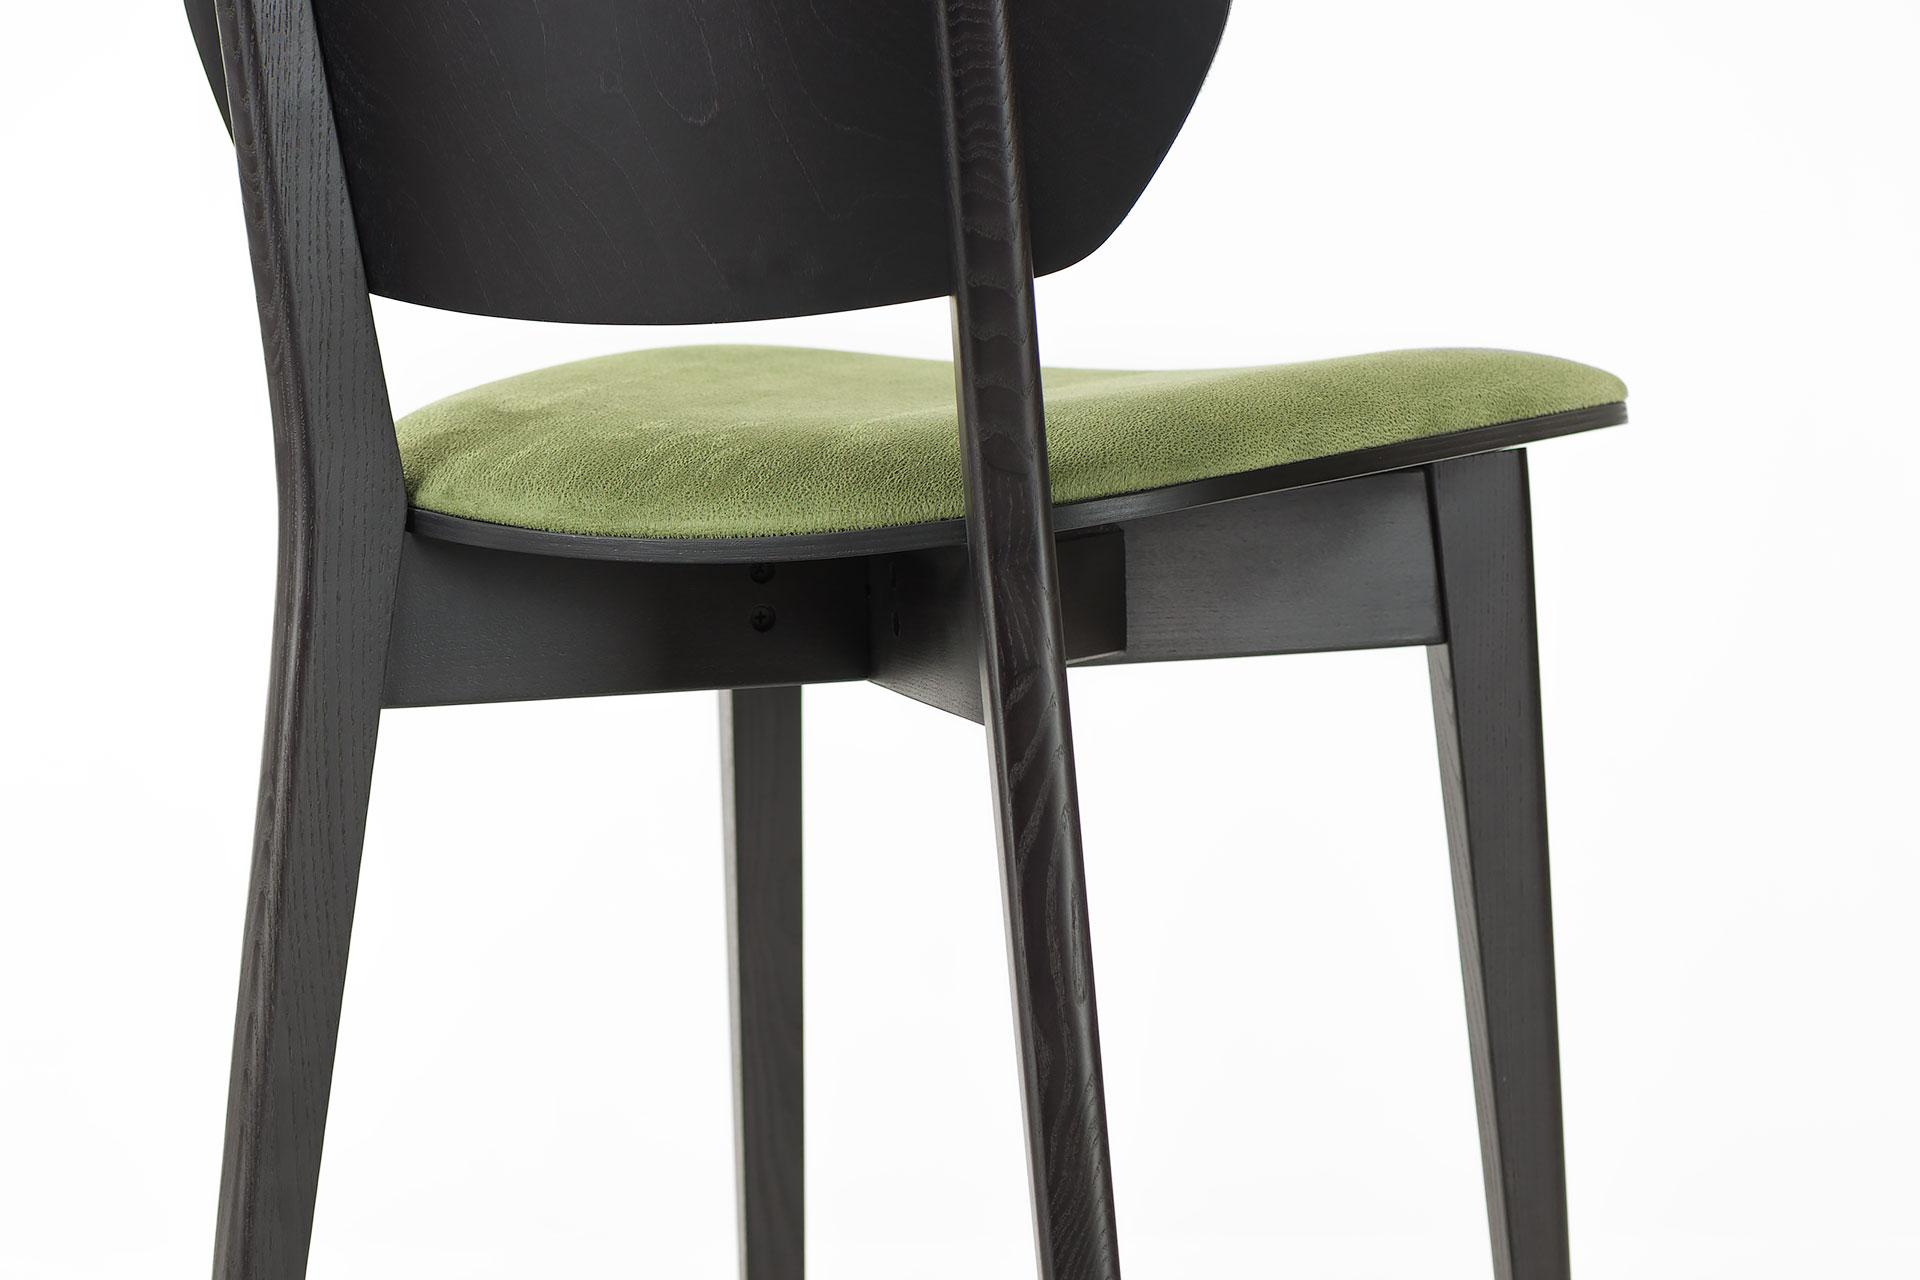 Кухонный стул 03В черно-зеленый, с мягкими сиденьем и спинкой из искусственной замши, Exim Mustang Light Green твердое дерево, цвет изделия SE7059 (спинка)